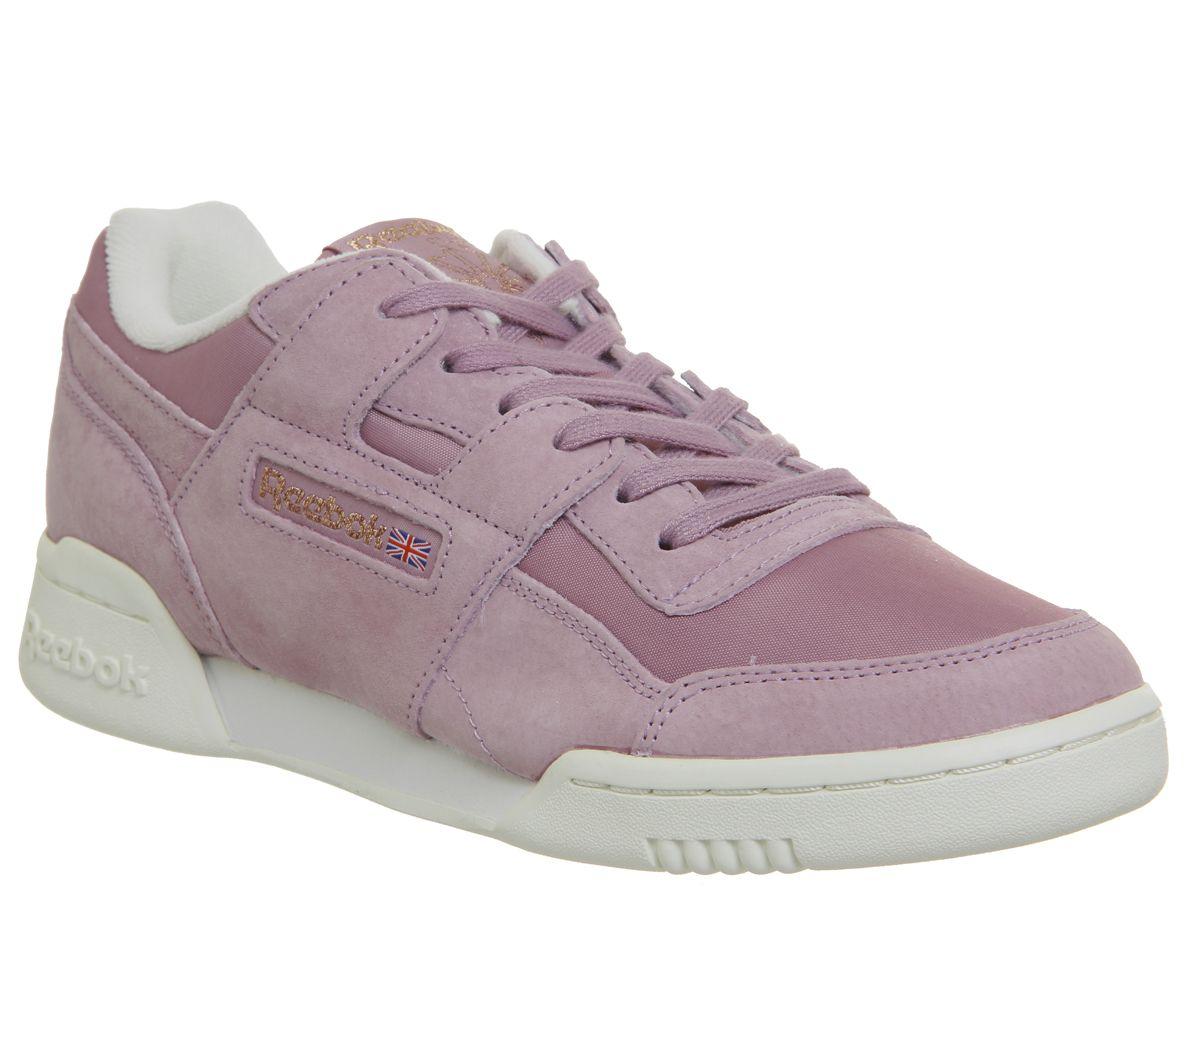 buy popular c7b64 193eb Donna Reebok Workout lo Plus Scarpe Sportive Infuso Lilla Gesso Rosa Dorato  Sh | eBay